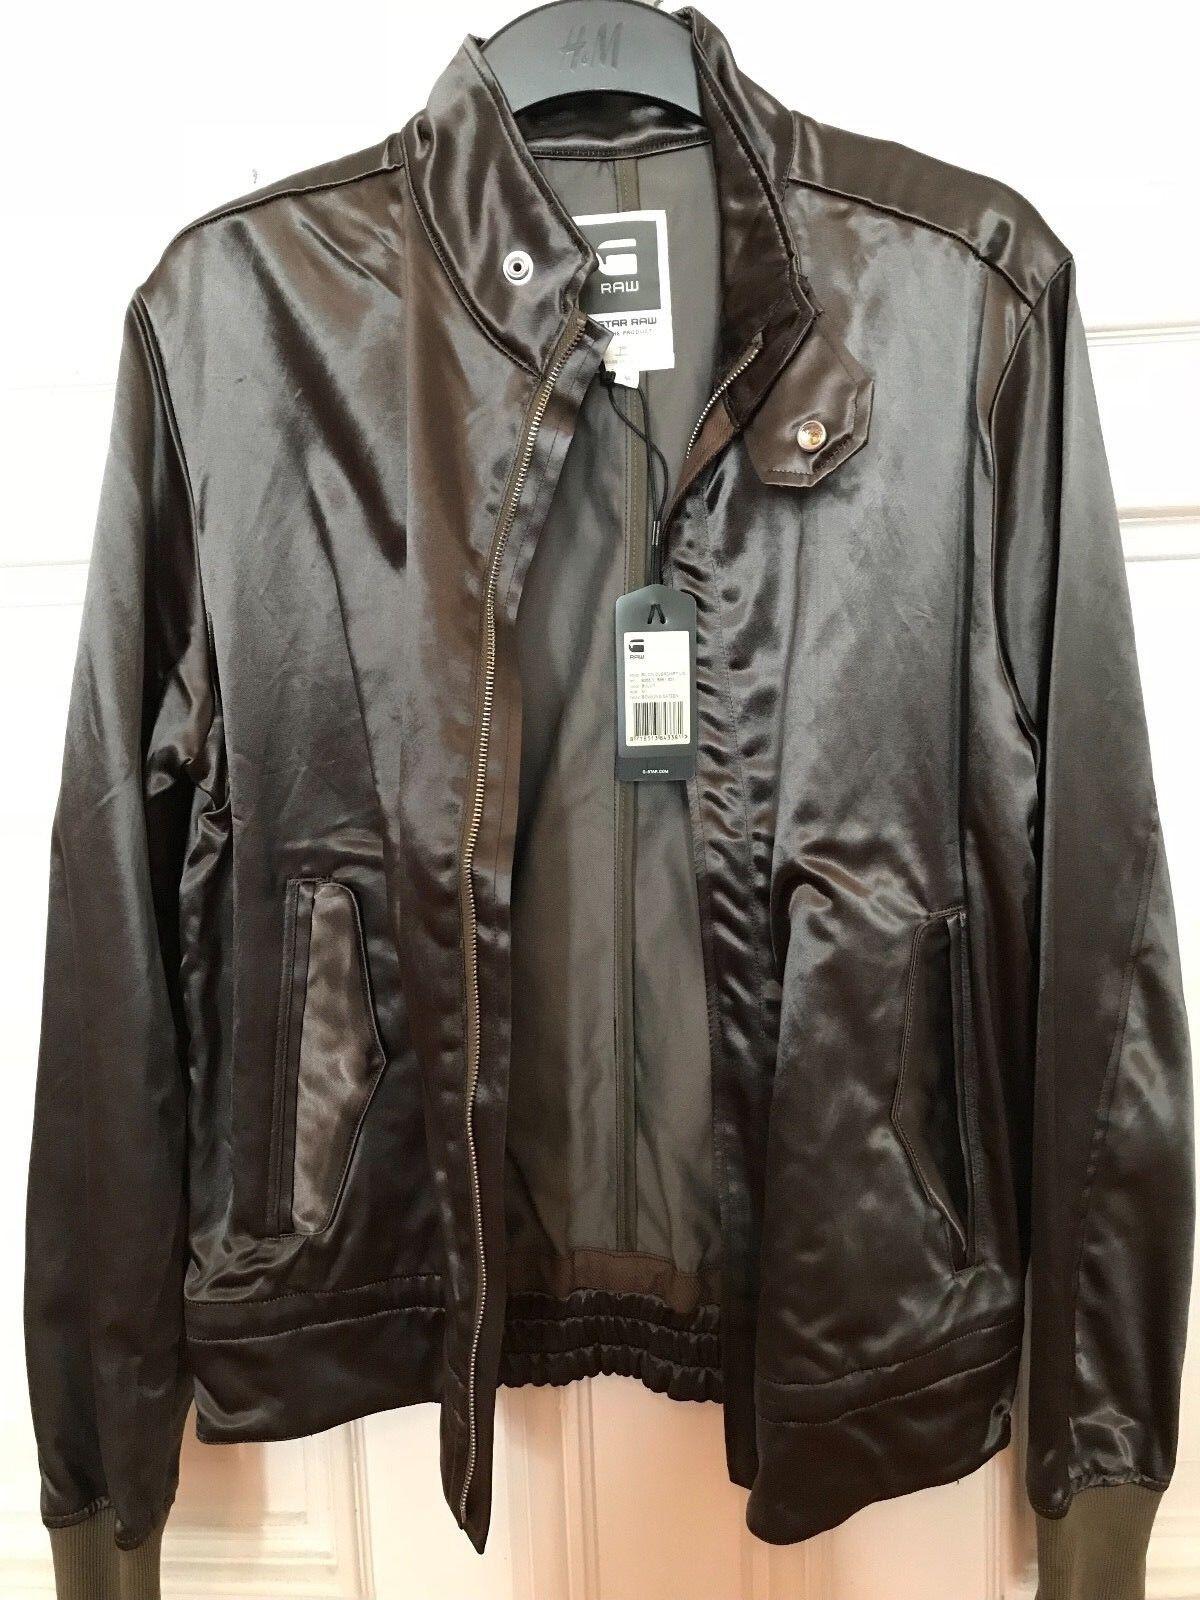 G-Star GStar Herren stylische Jacke Coat Navy Gr. M NEU mit Etikett